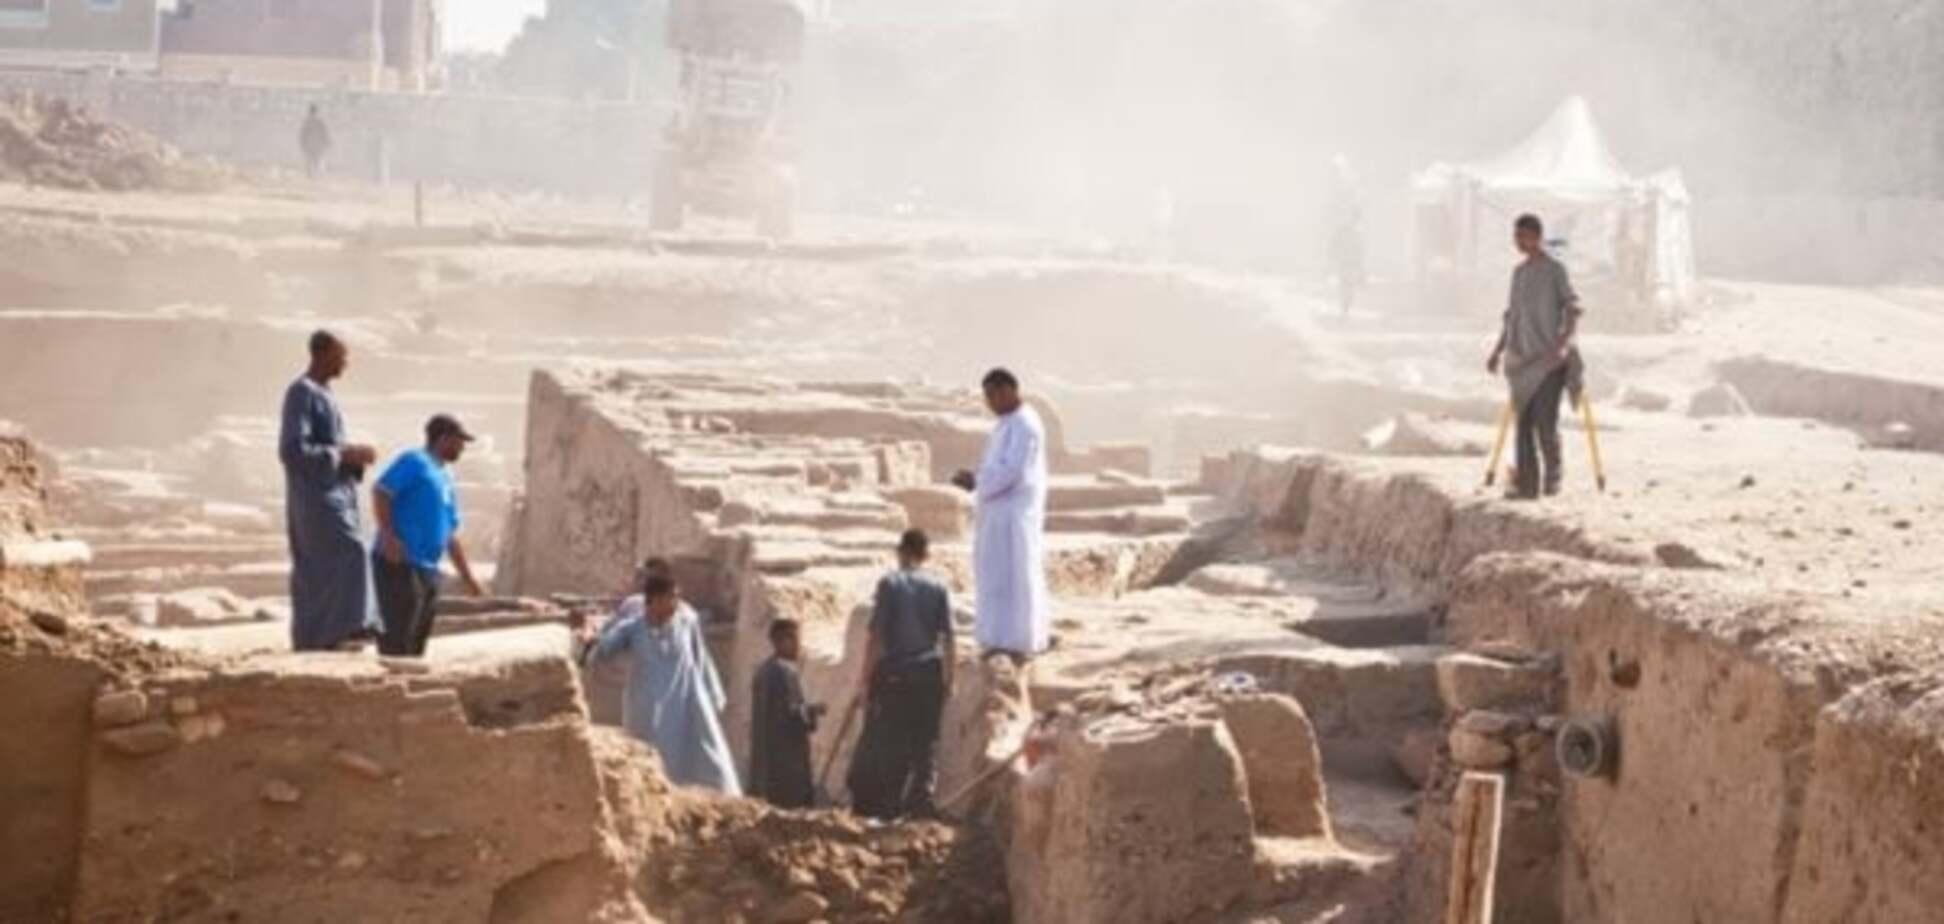 Археологи нашли легендарный 'город греха' Содом